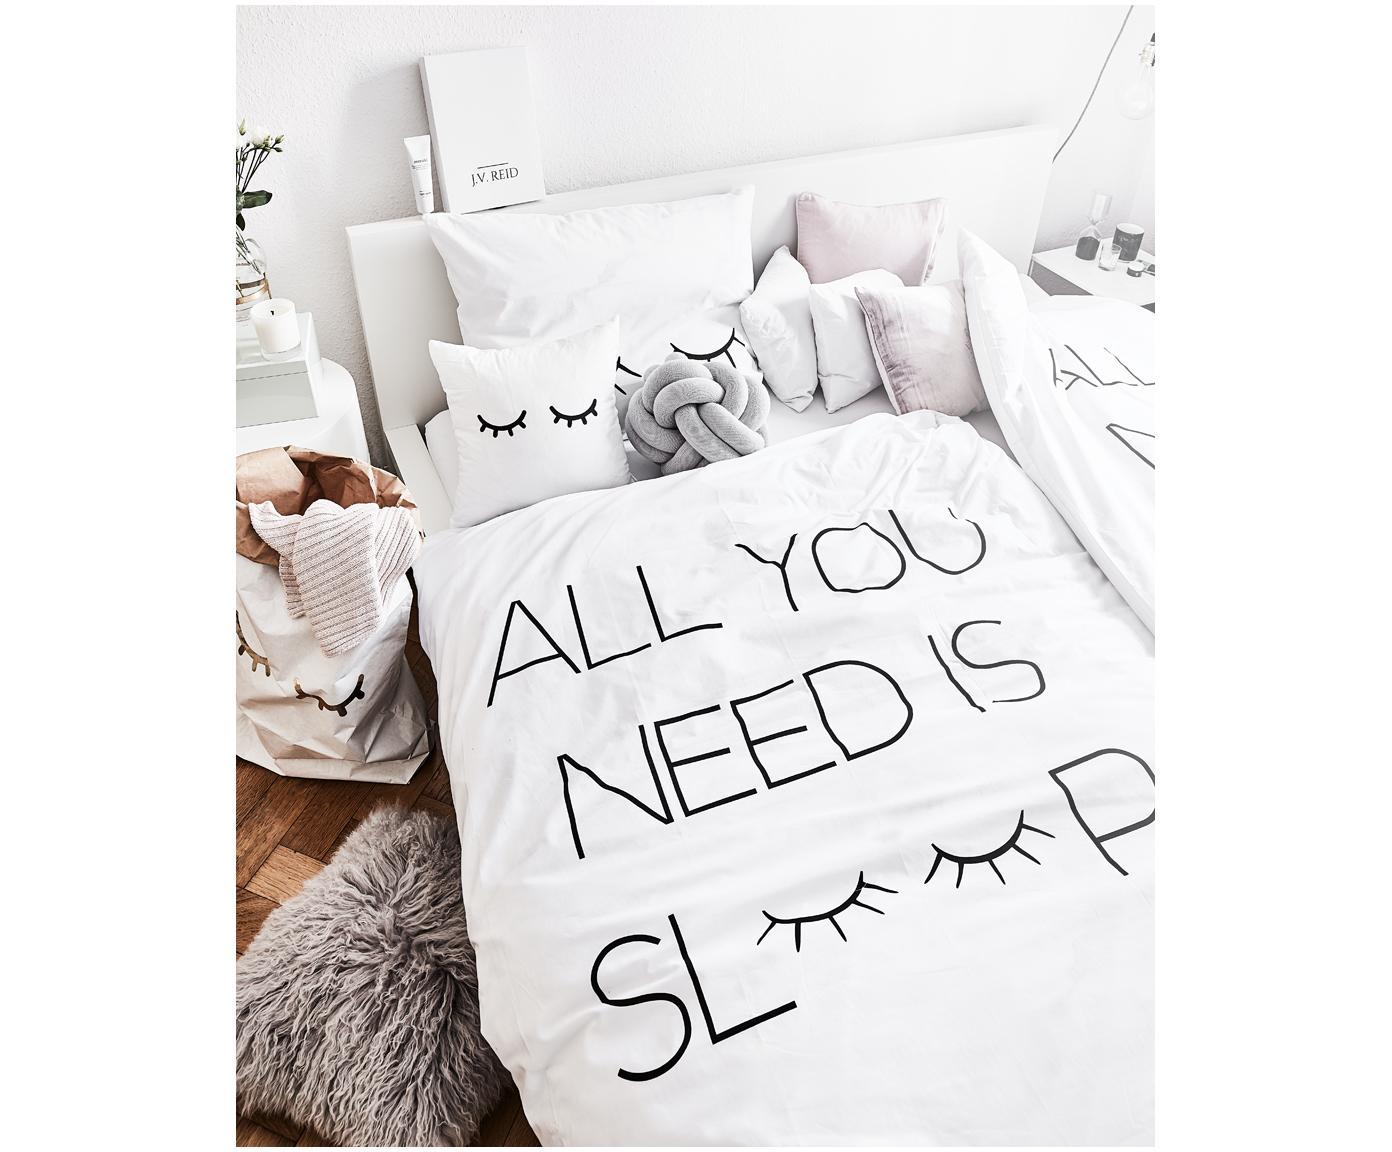 Baumwollperkal-Bettwäsche Sleepy Eyes mit Schriftzug, Webart: Perkal Fadendichte 200 TC, Weiß, Schwarz, 135 x 200 cm + 1 Kissen 80 x 80 cm